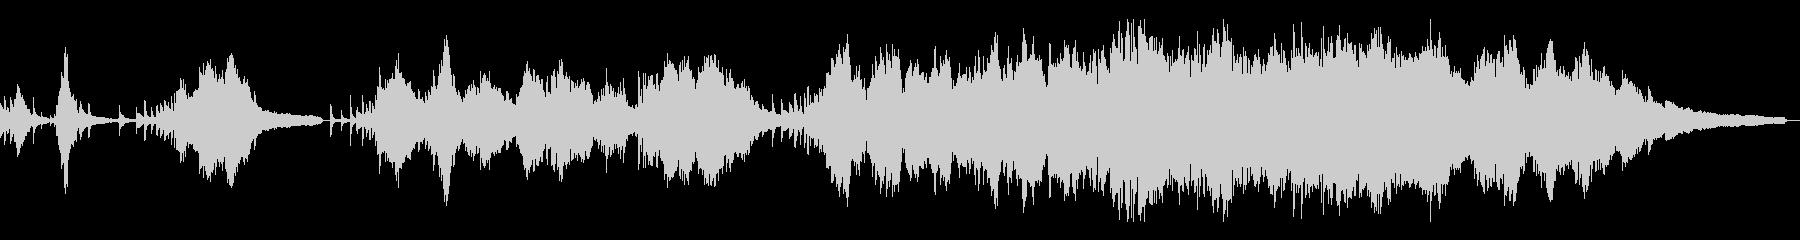 花吹雪/和風の雰囲気12-ピアノソロの未再生の波形